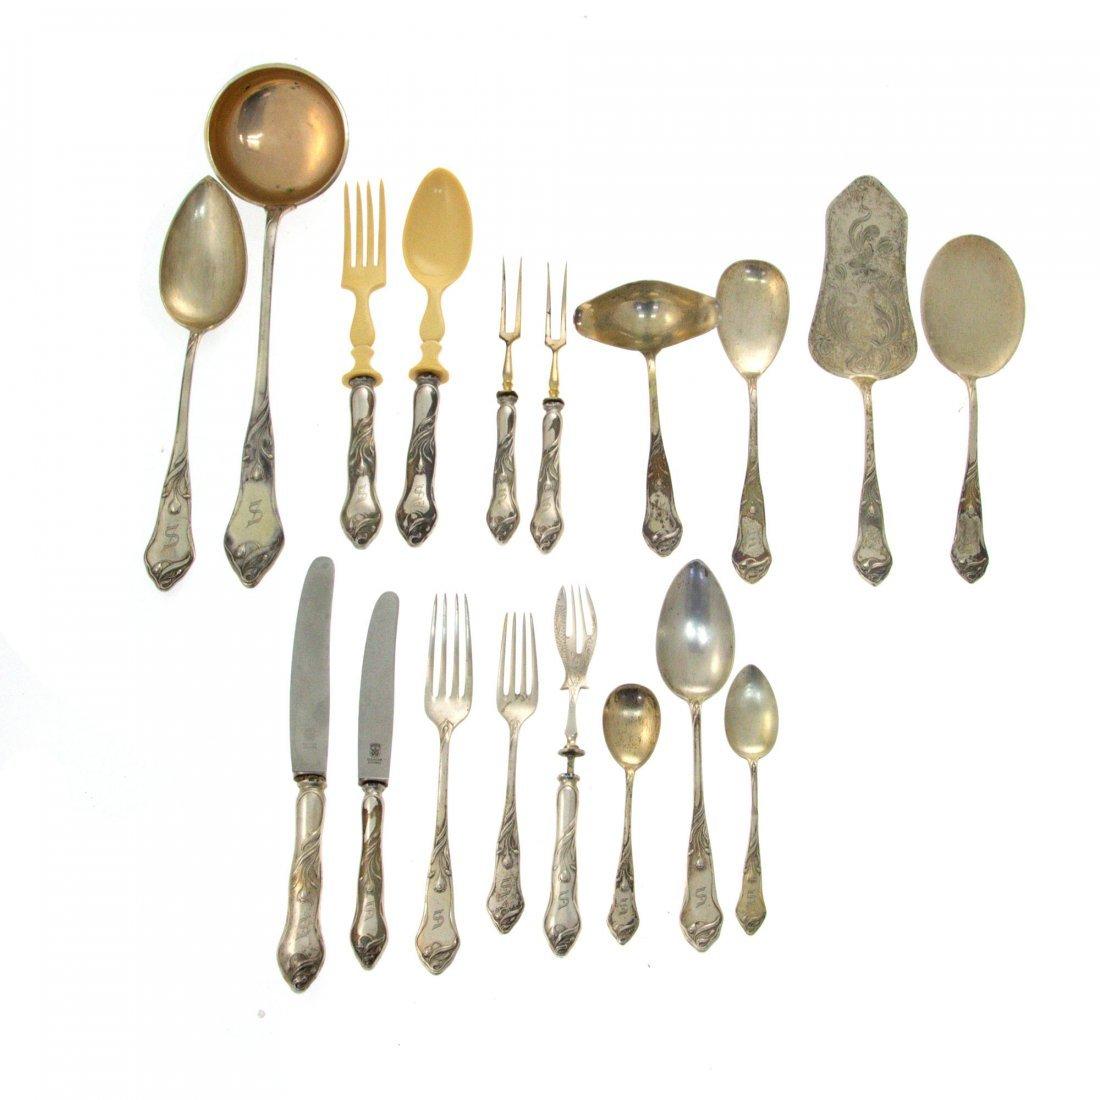 Art Nouveau Silver Flatware Set, 105pcs, Karl